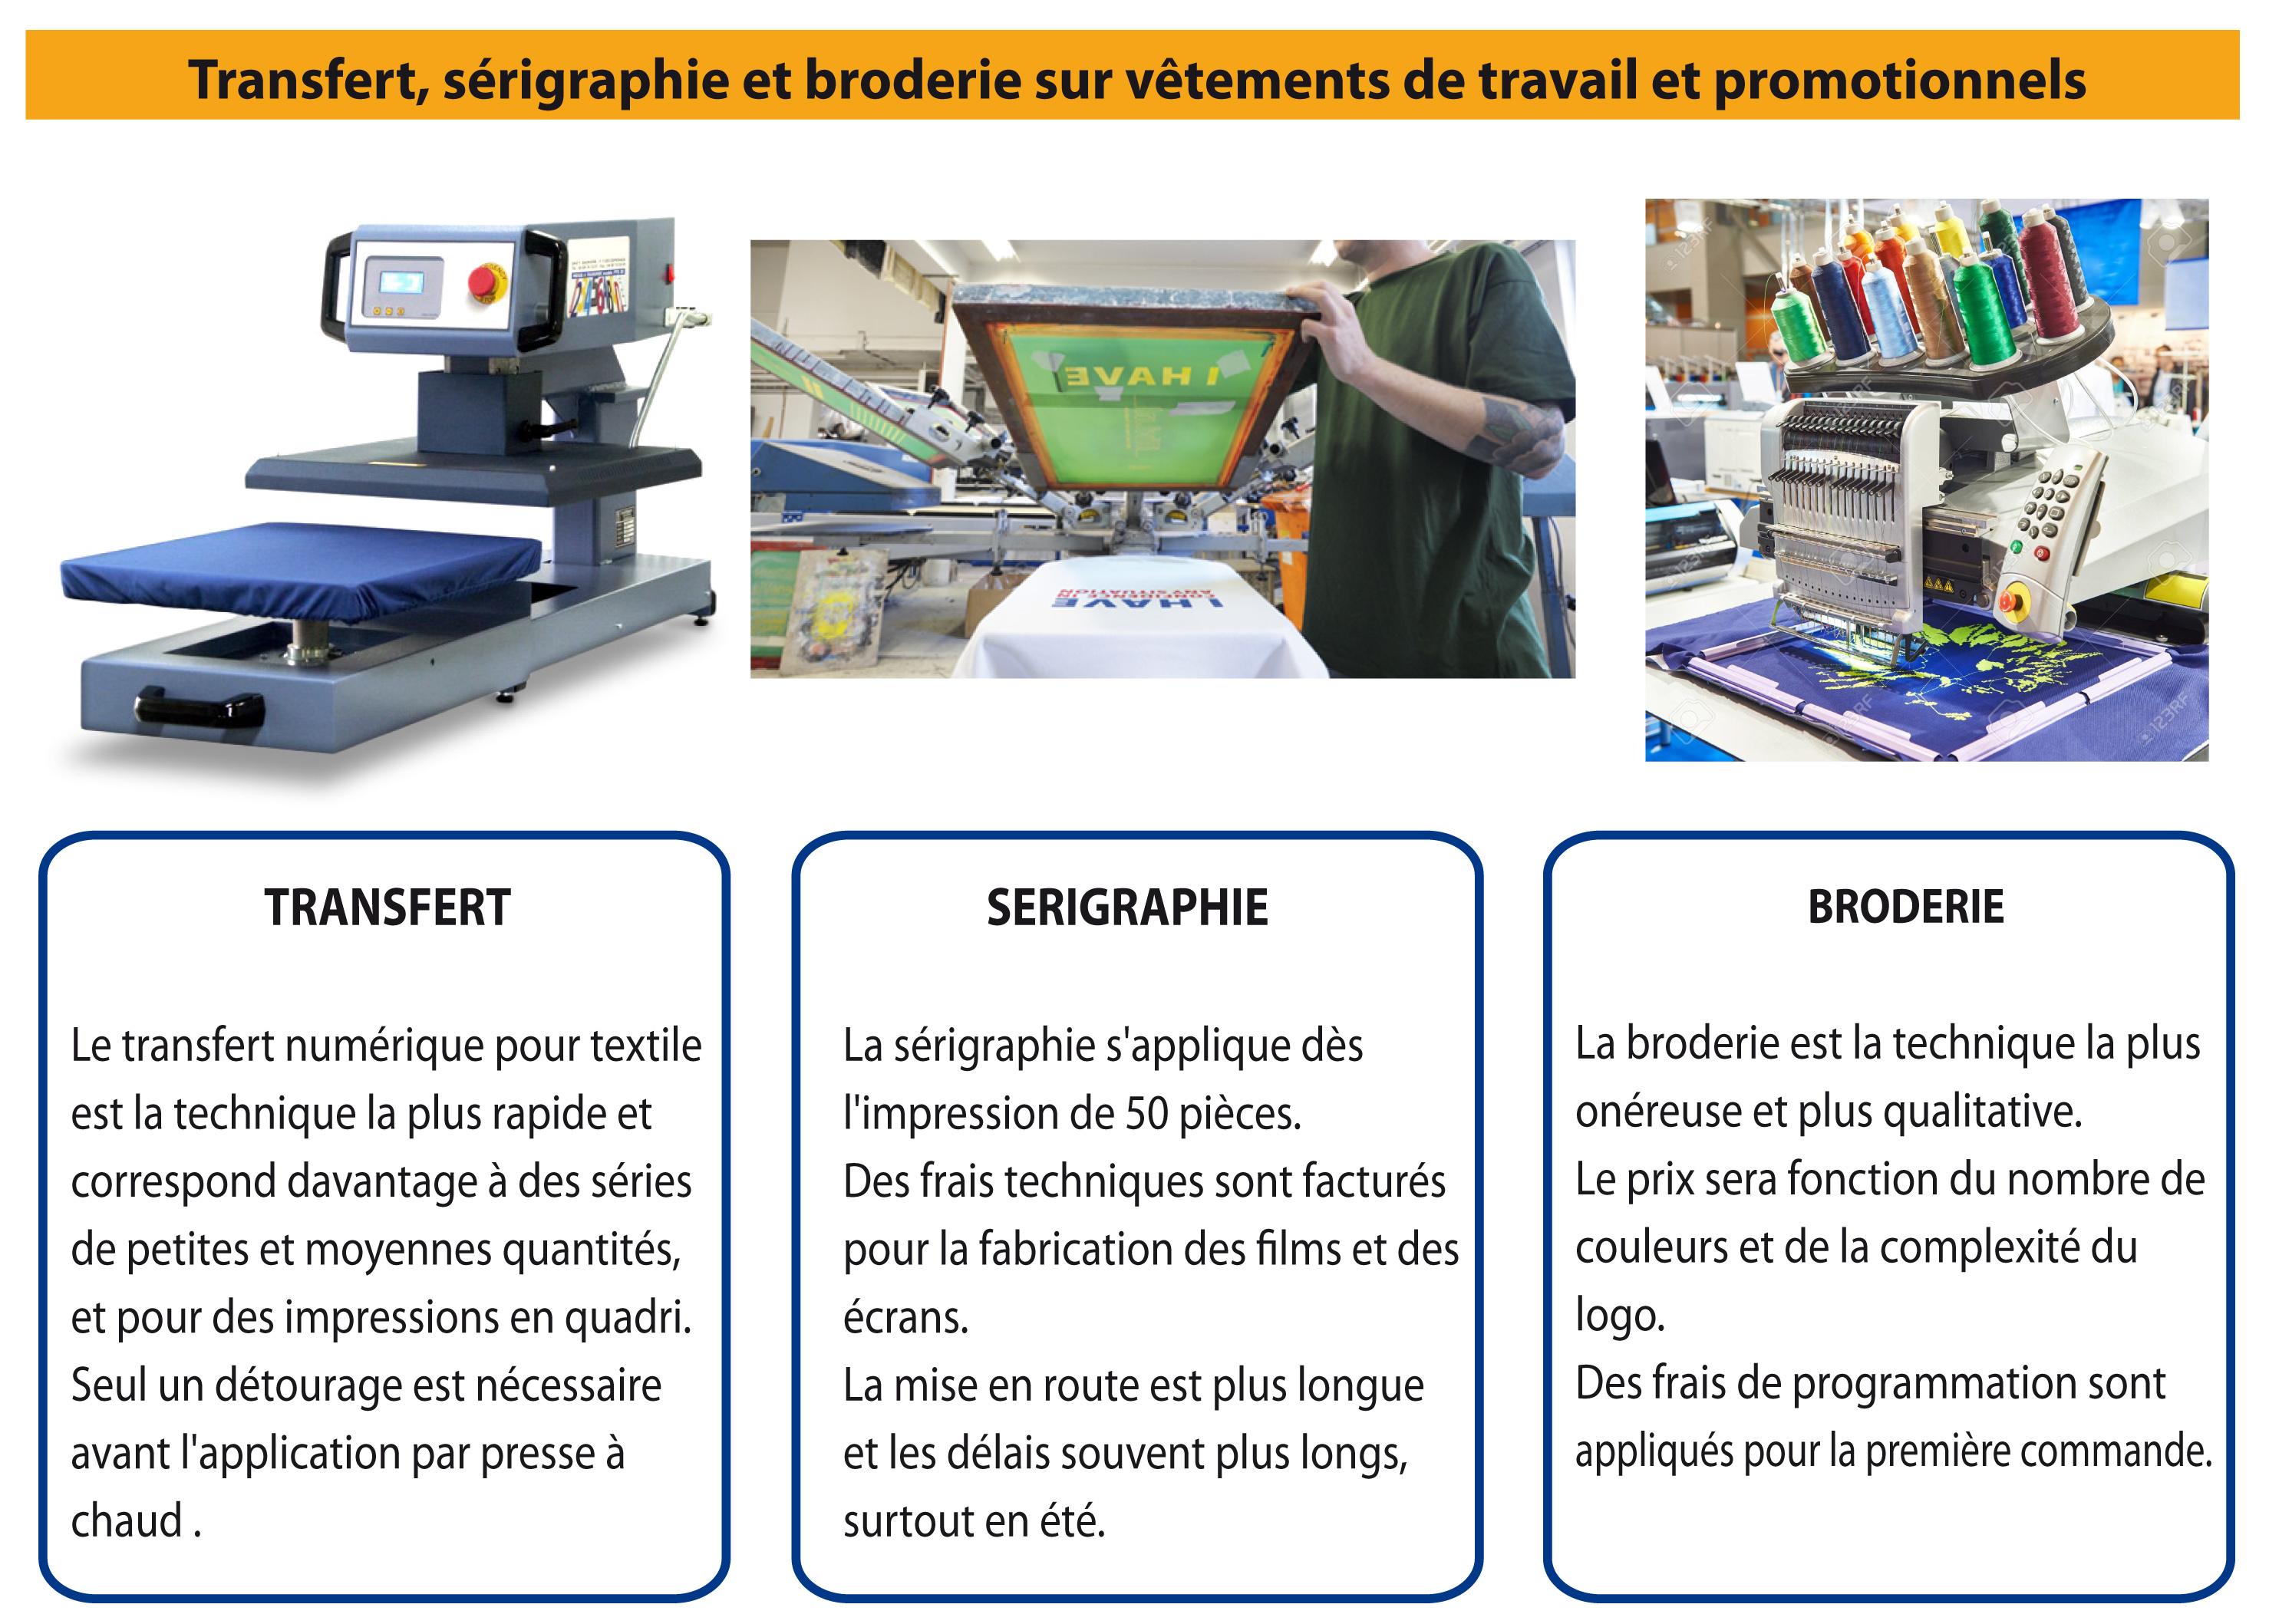 broderie Valence - sérigraphie Valence - transfert textile Valence